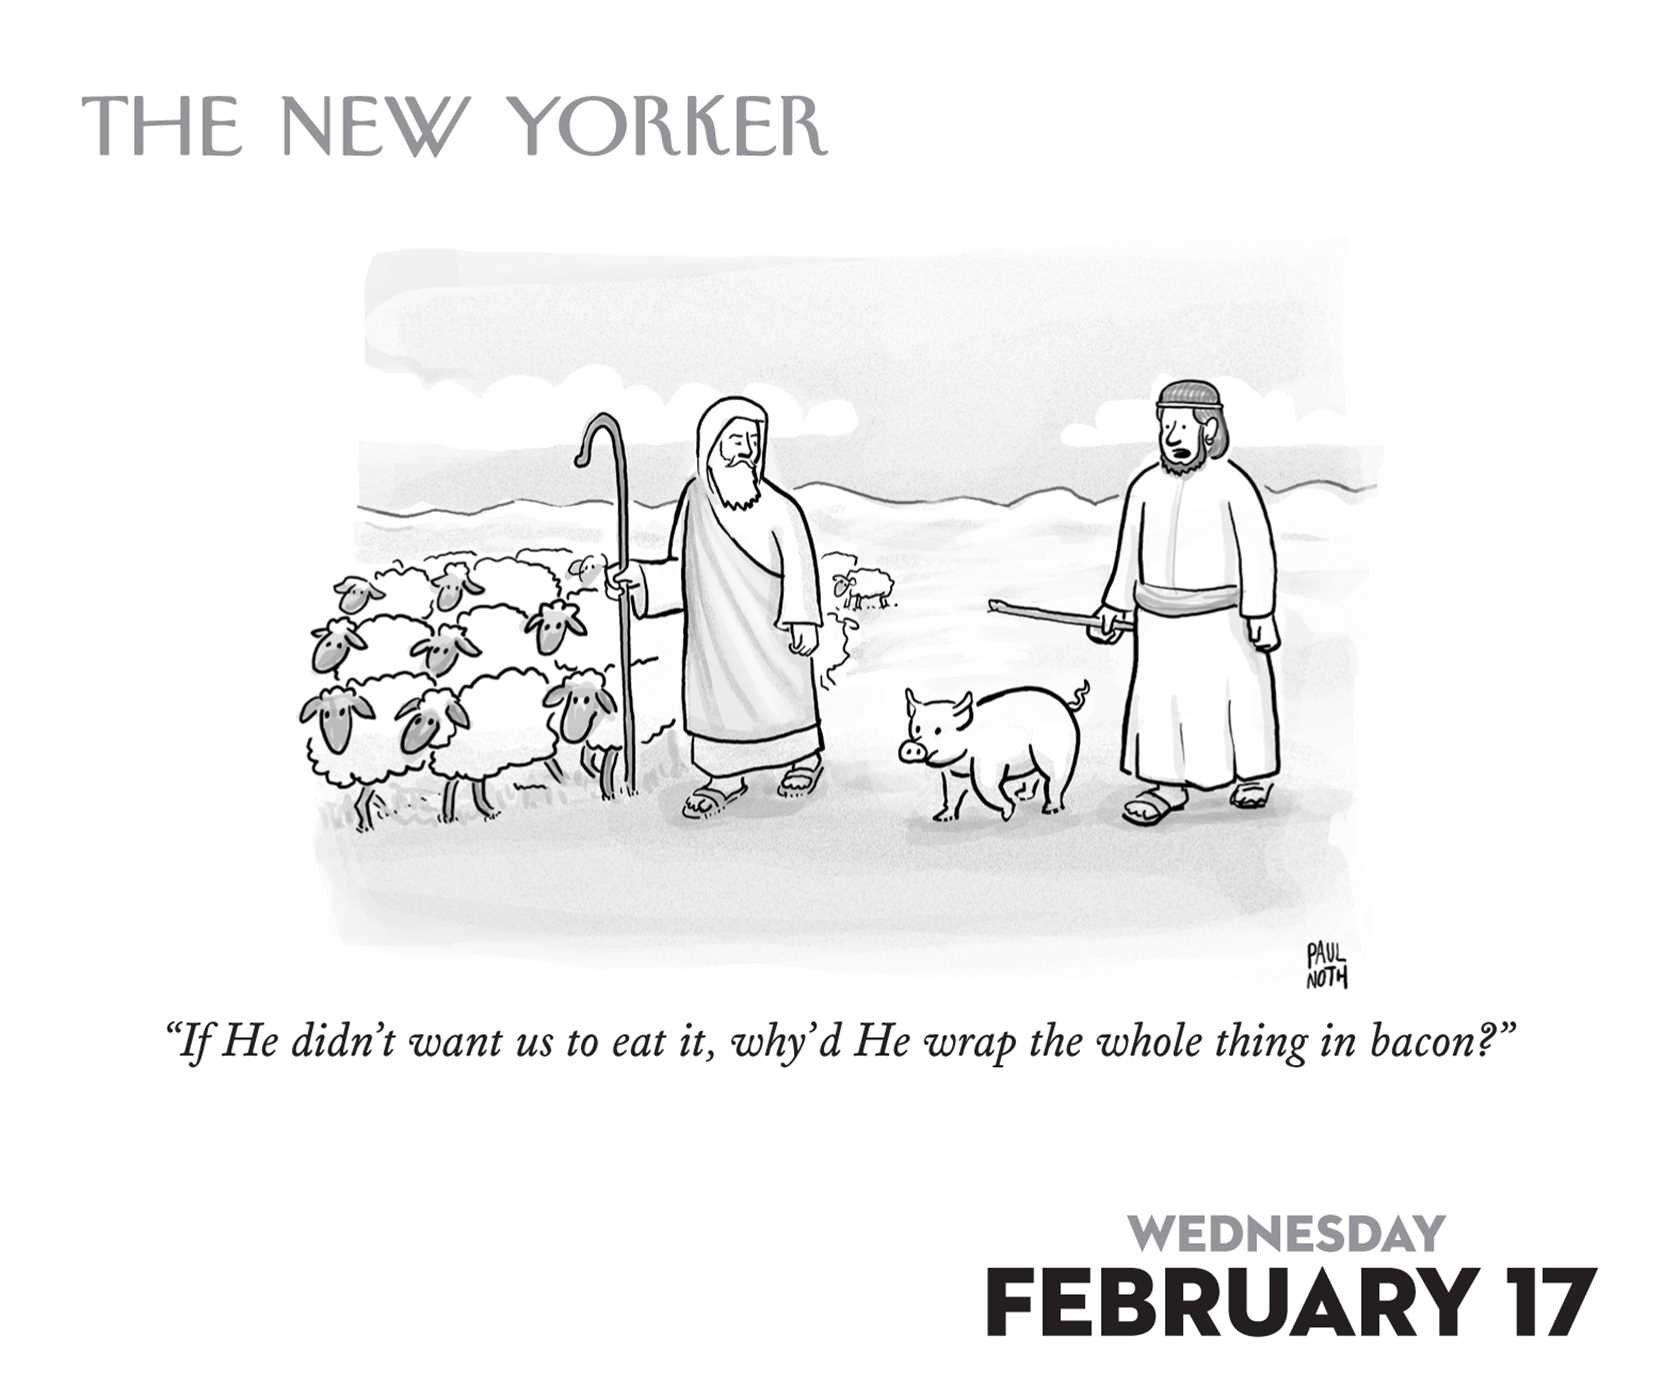 New Yorker Cartoon Page A Day Calendar Cartoon Ankaperla Com